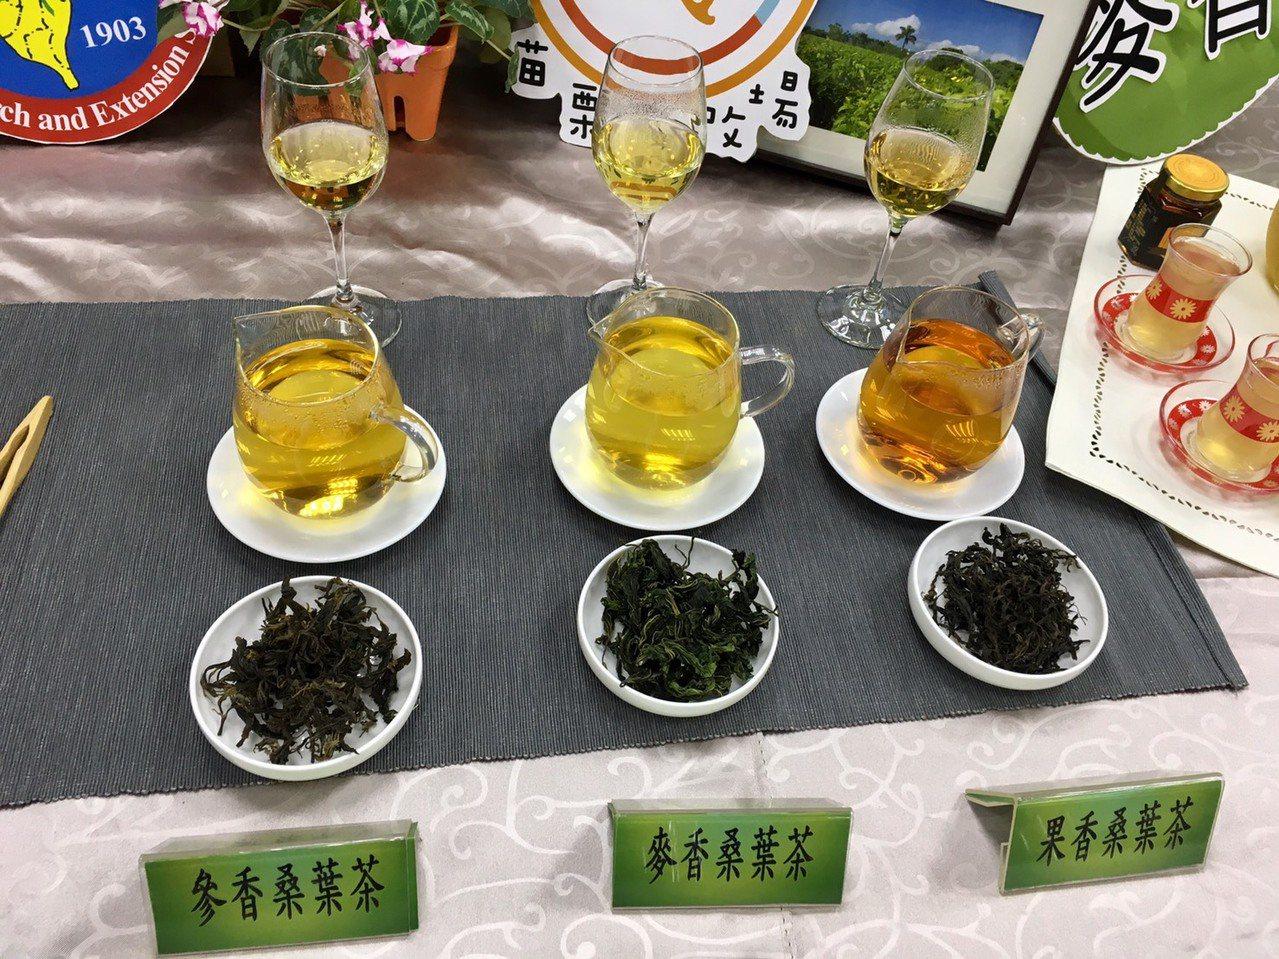 農委會苗栗區農改場與茶改場合作推出的GABA桑葉茶有三種風味,分別為參香、麥香、...